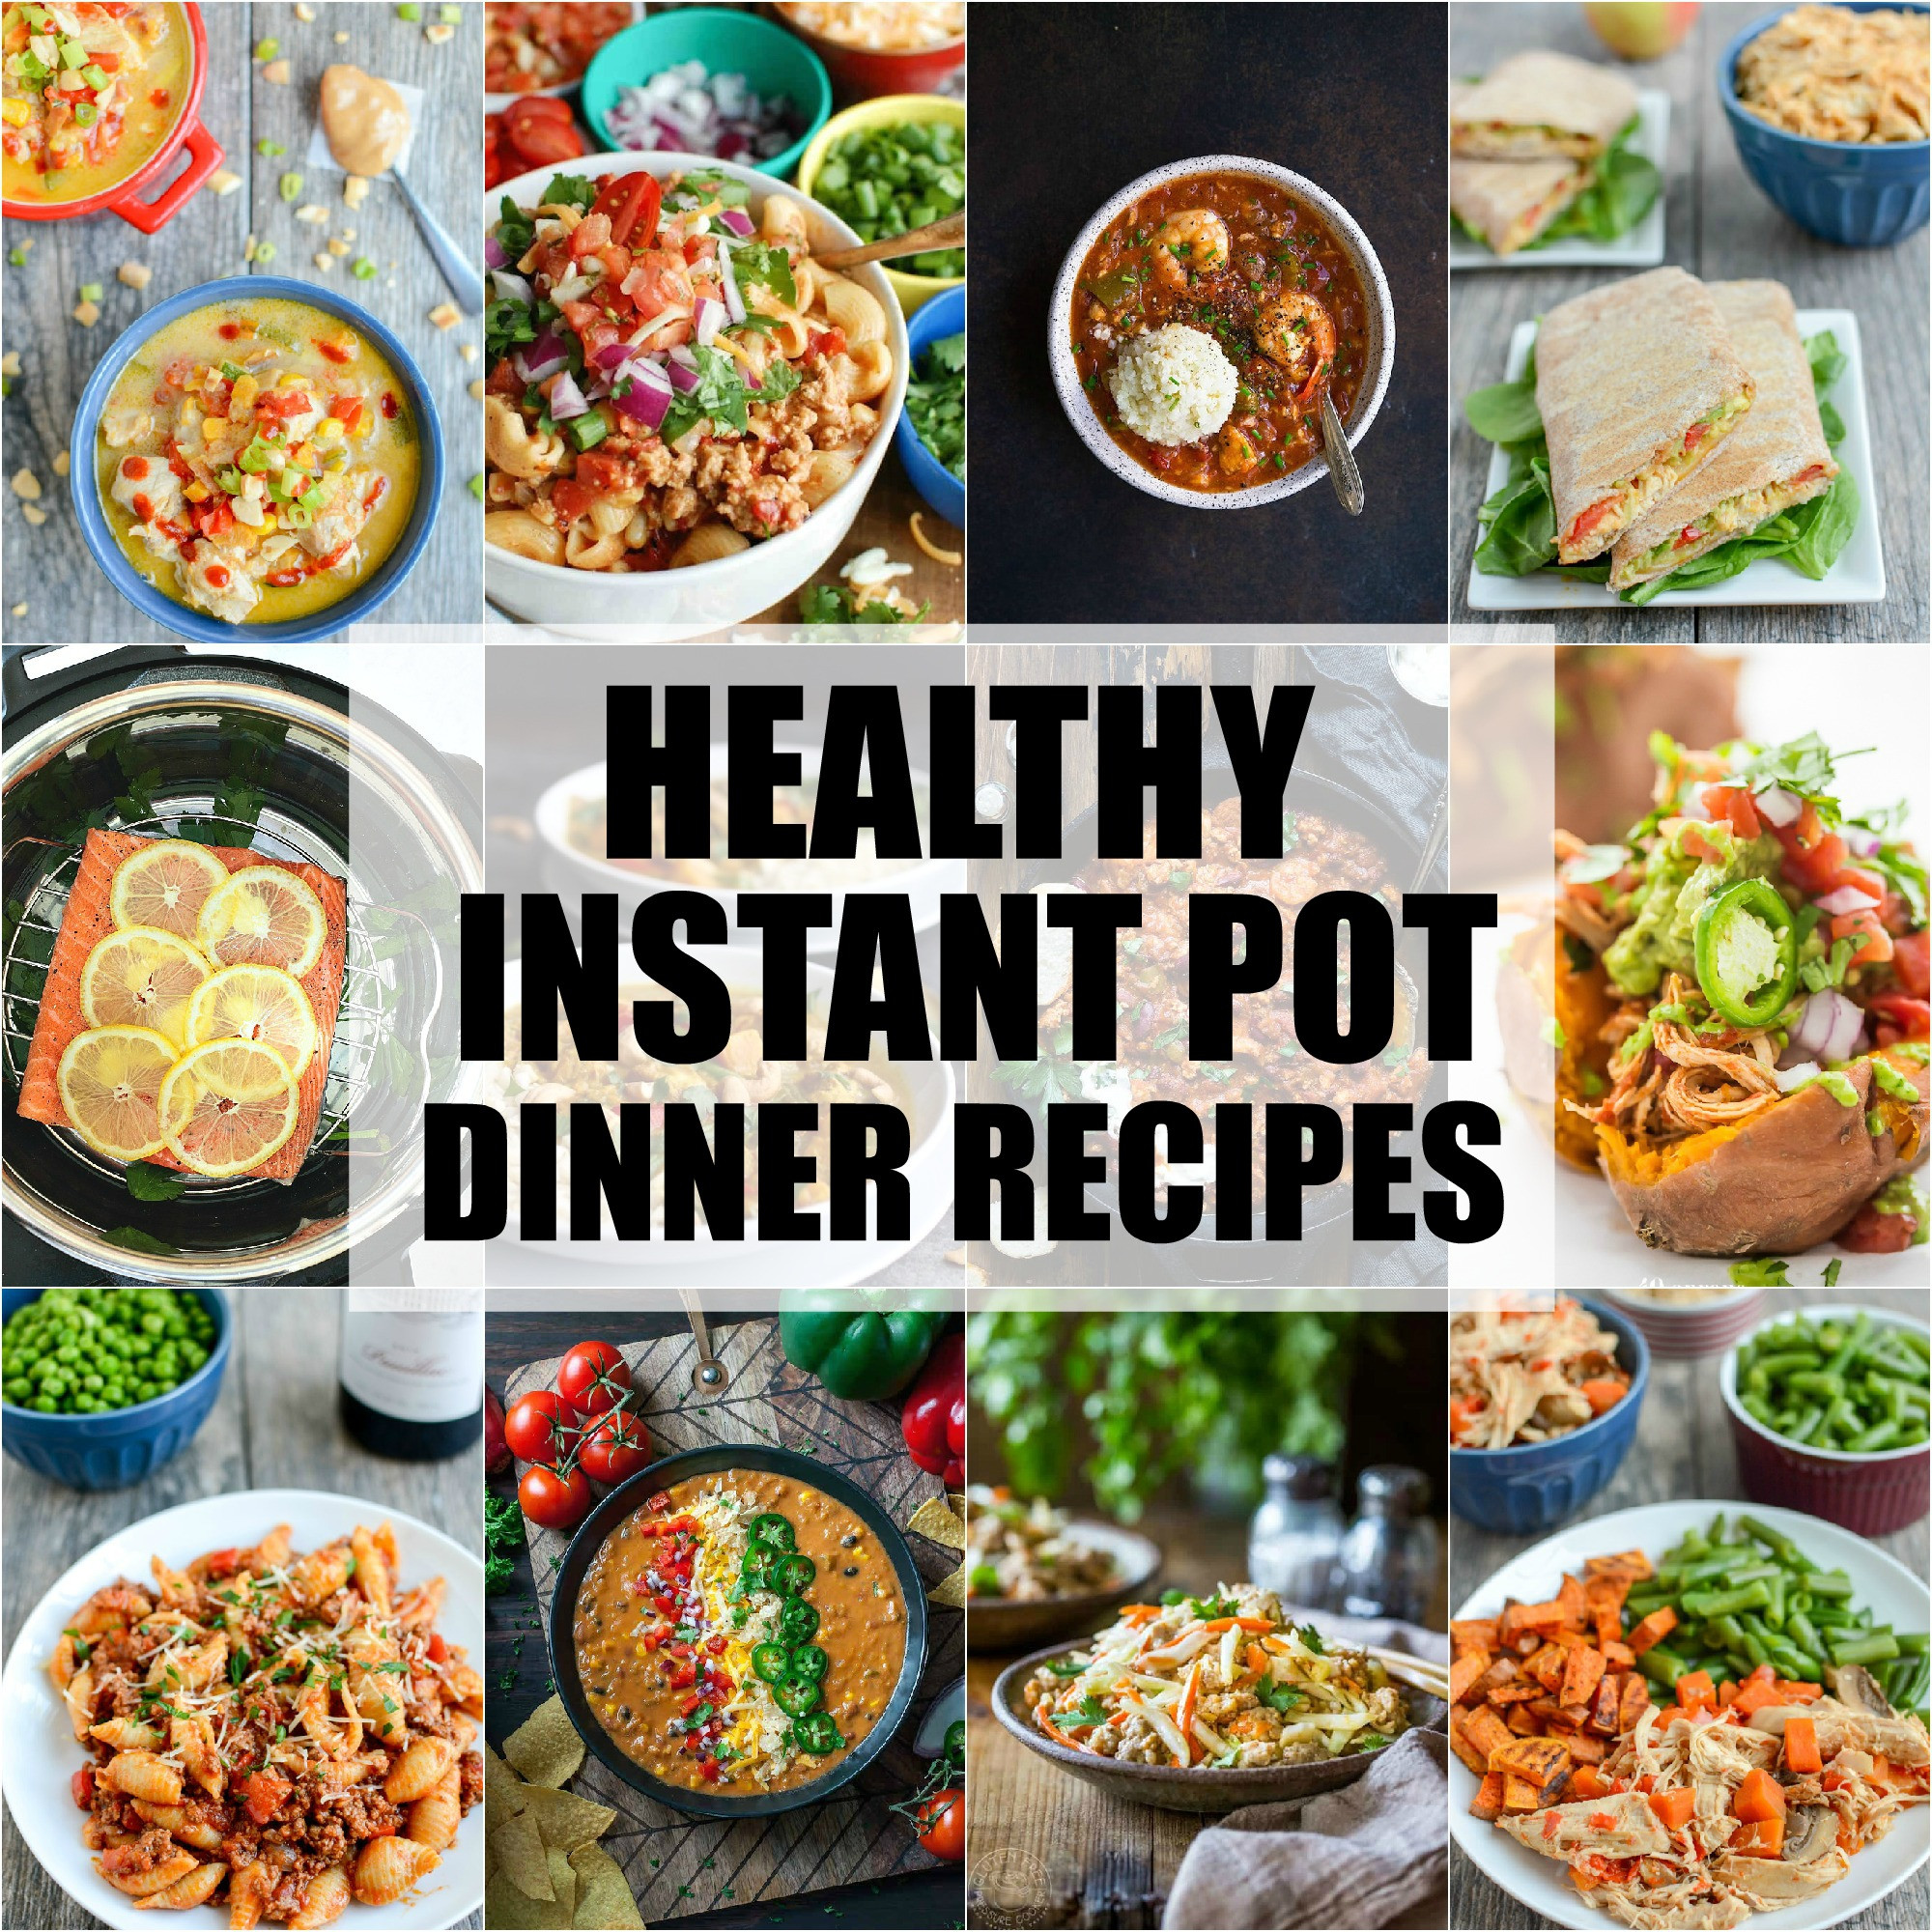 Best Healthy Instant Pot Recipes  Healthy Instant Pot Dinner Recipes